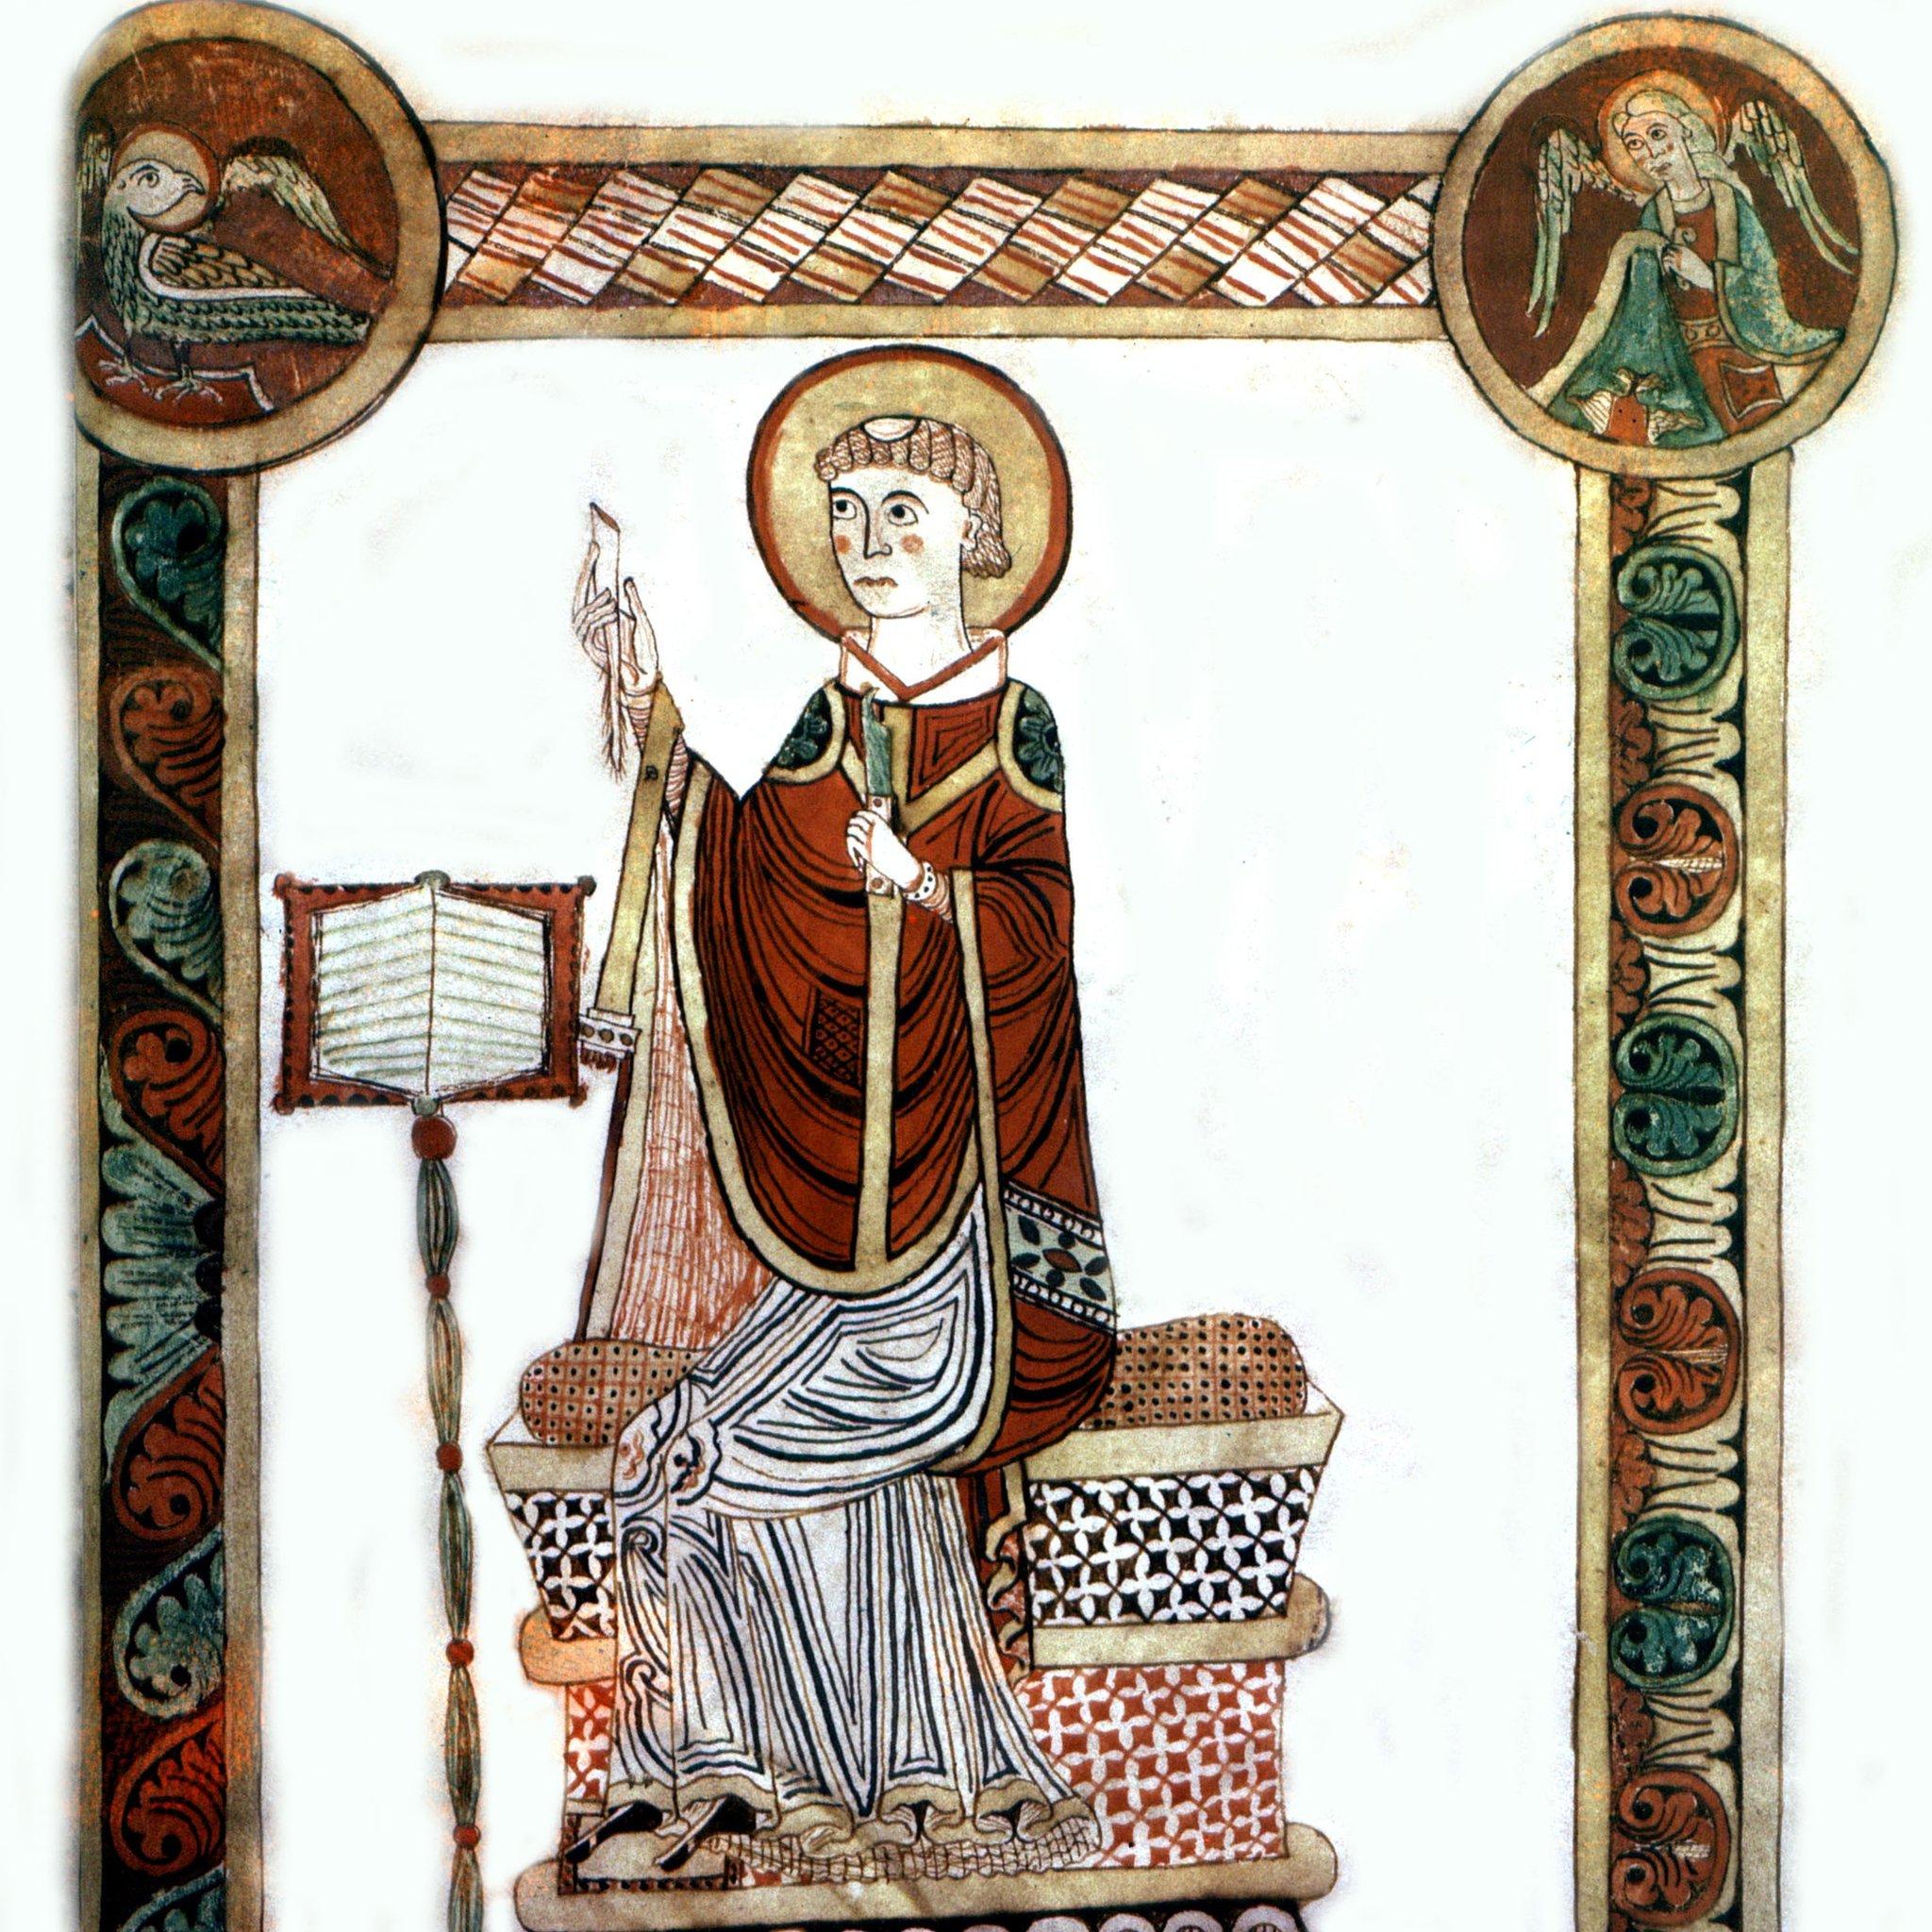 San Beda el Venerable (673-735), en una imagen hecha en el siglo XIII.